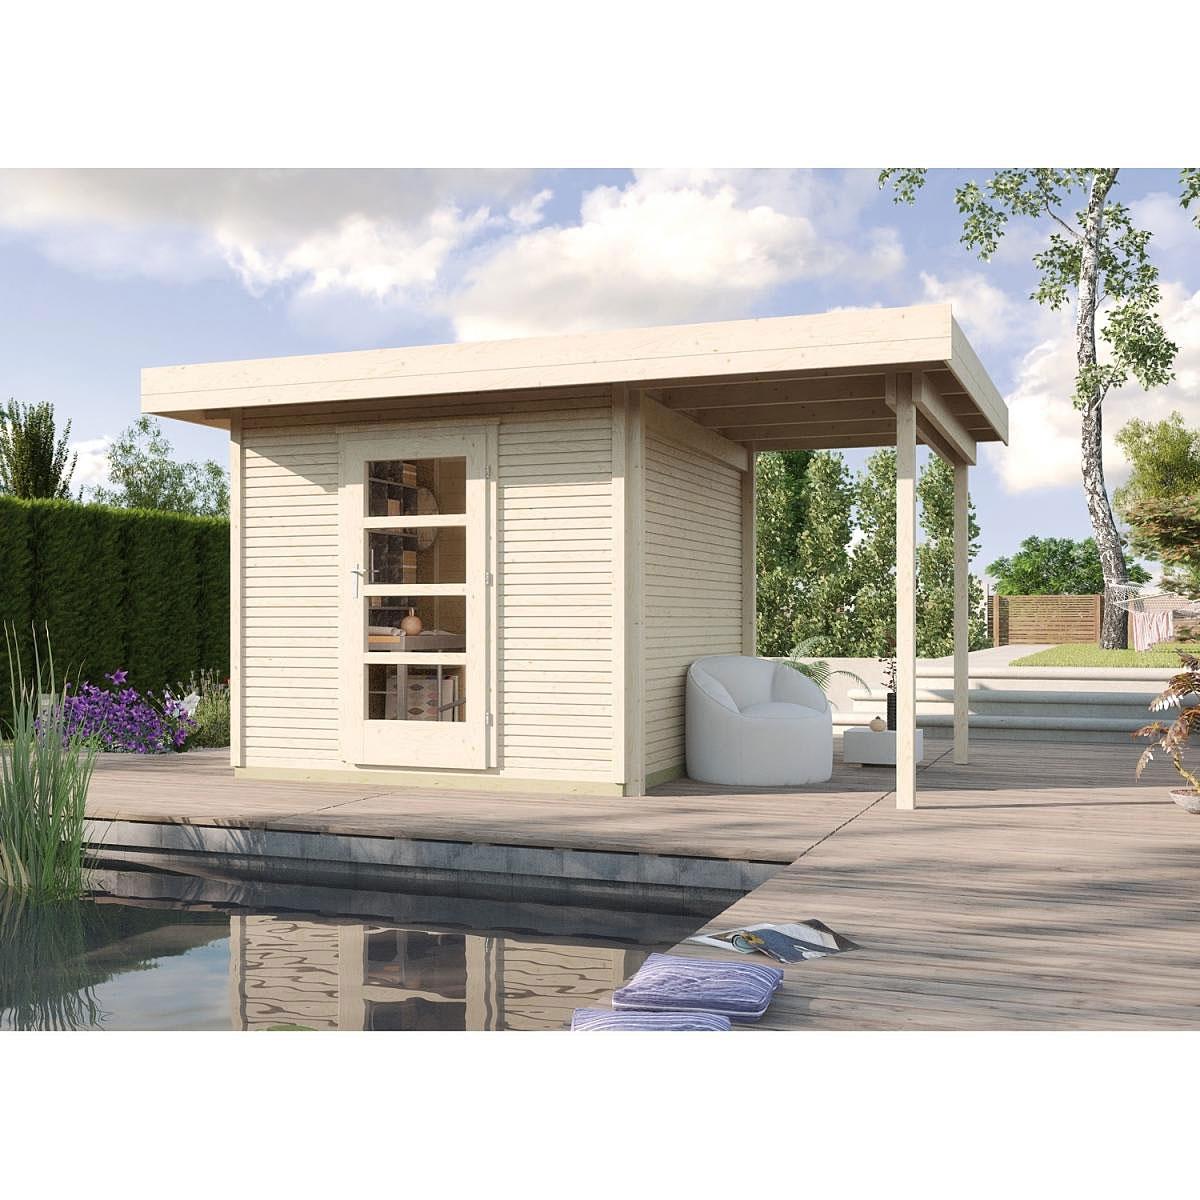 Weka Holz-Gartenhaus wekaLine Natur 300 cm x 295 cm mit Anbau 150 cm